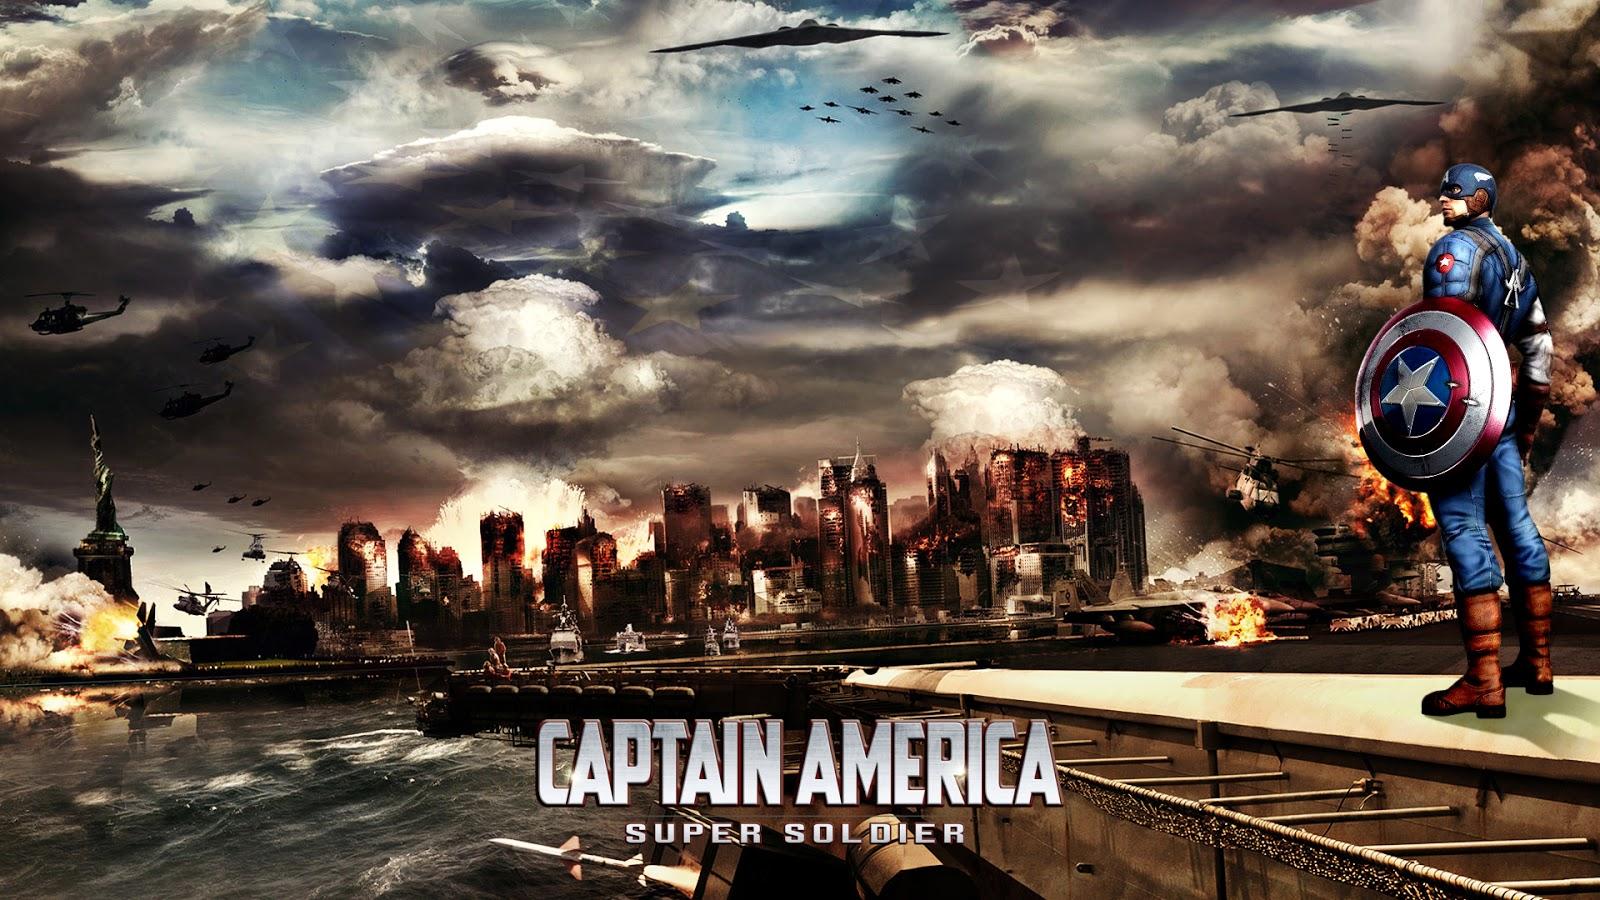 Super Soldier Captain America HD Pics